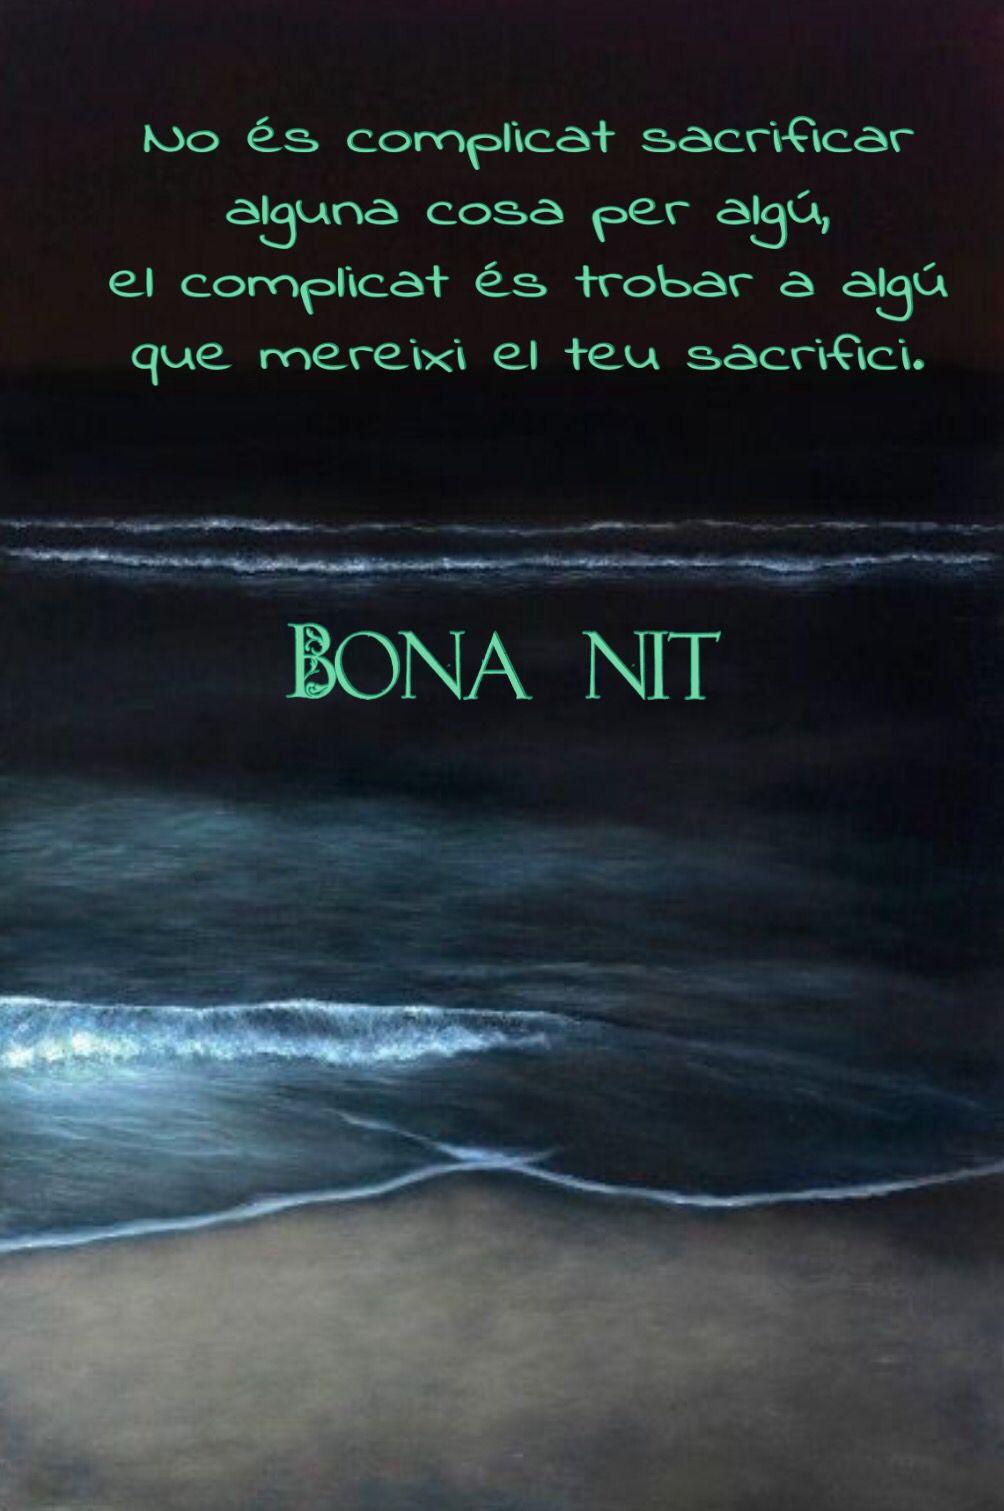 Bona Nit Dichos De Amor Frases Bonitas Saludos De Buenas Noches